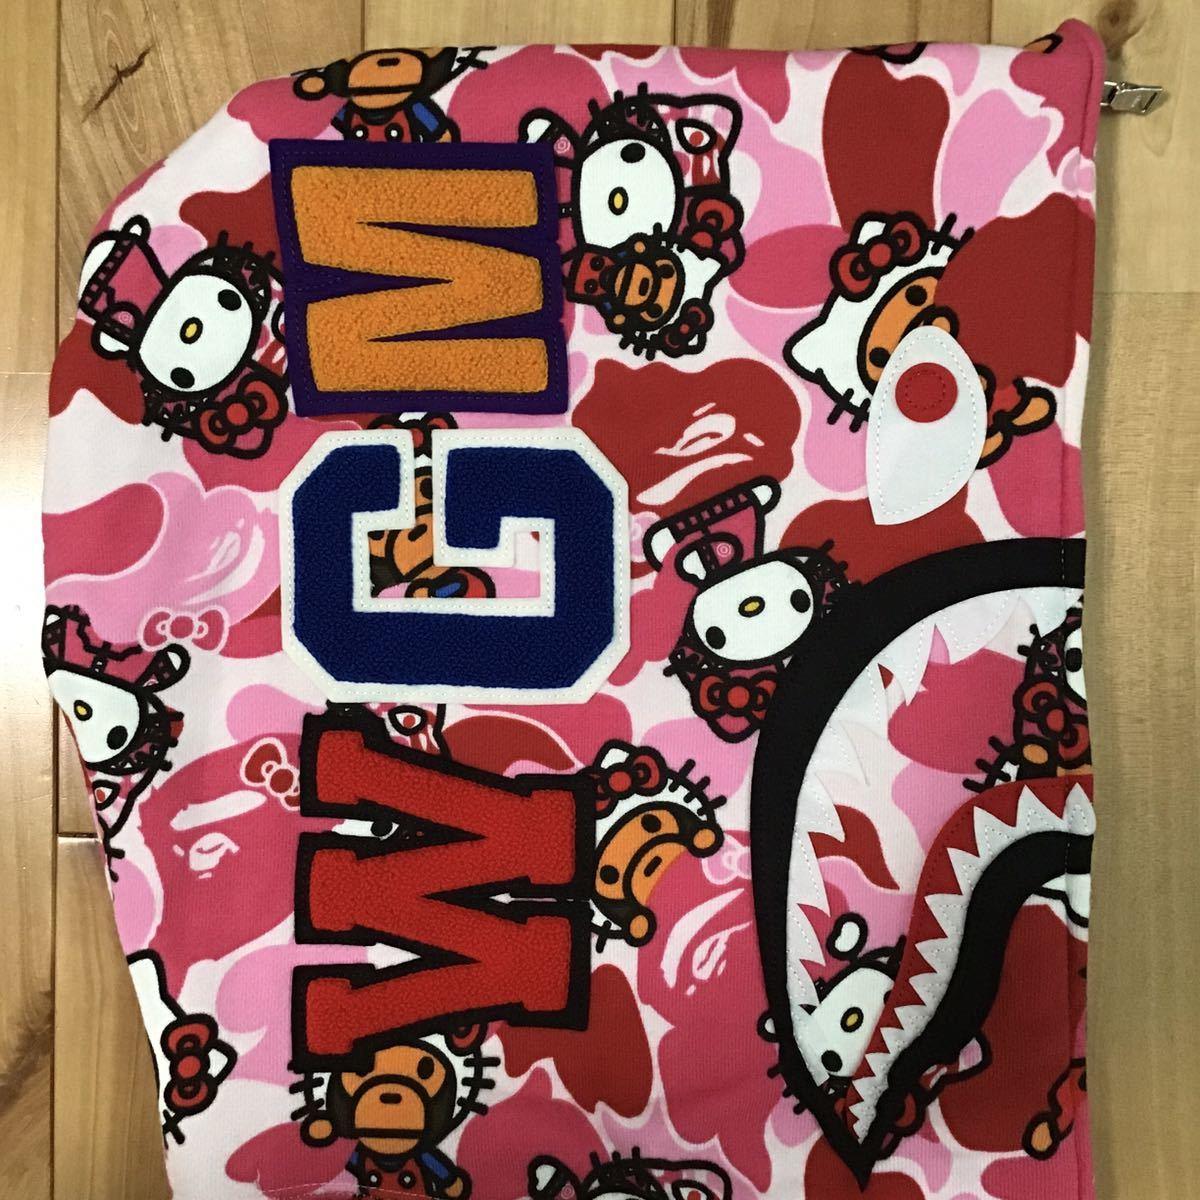 kitty milo シャーク パーカー Lサイズ shark full zip hoodie キティ マイロ サンリオ a bathing ape bape ABC camo pink エイプ ベイプ